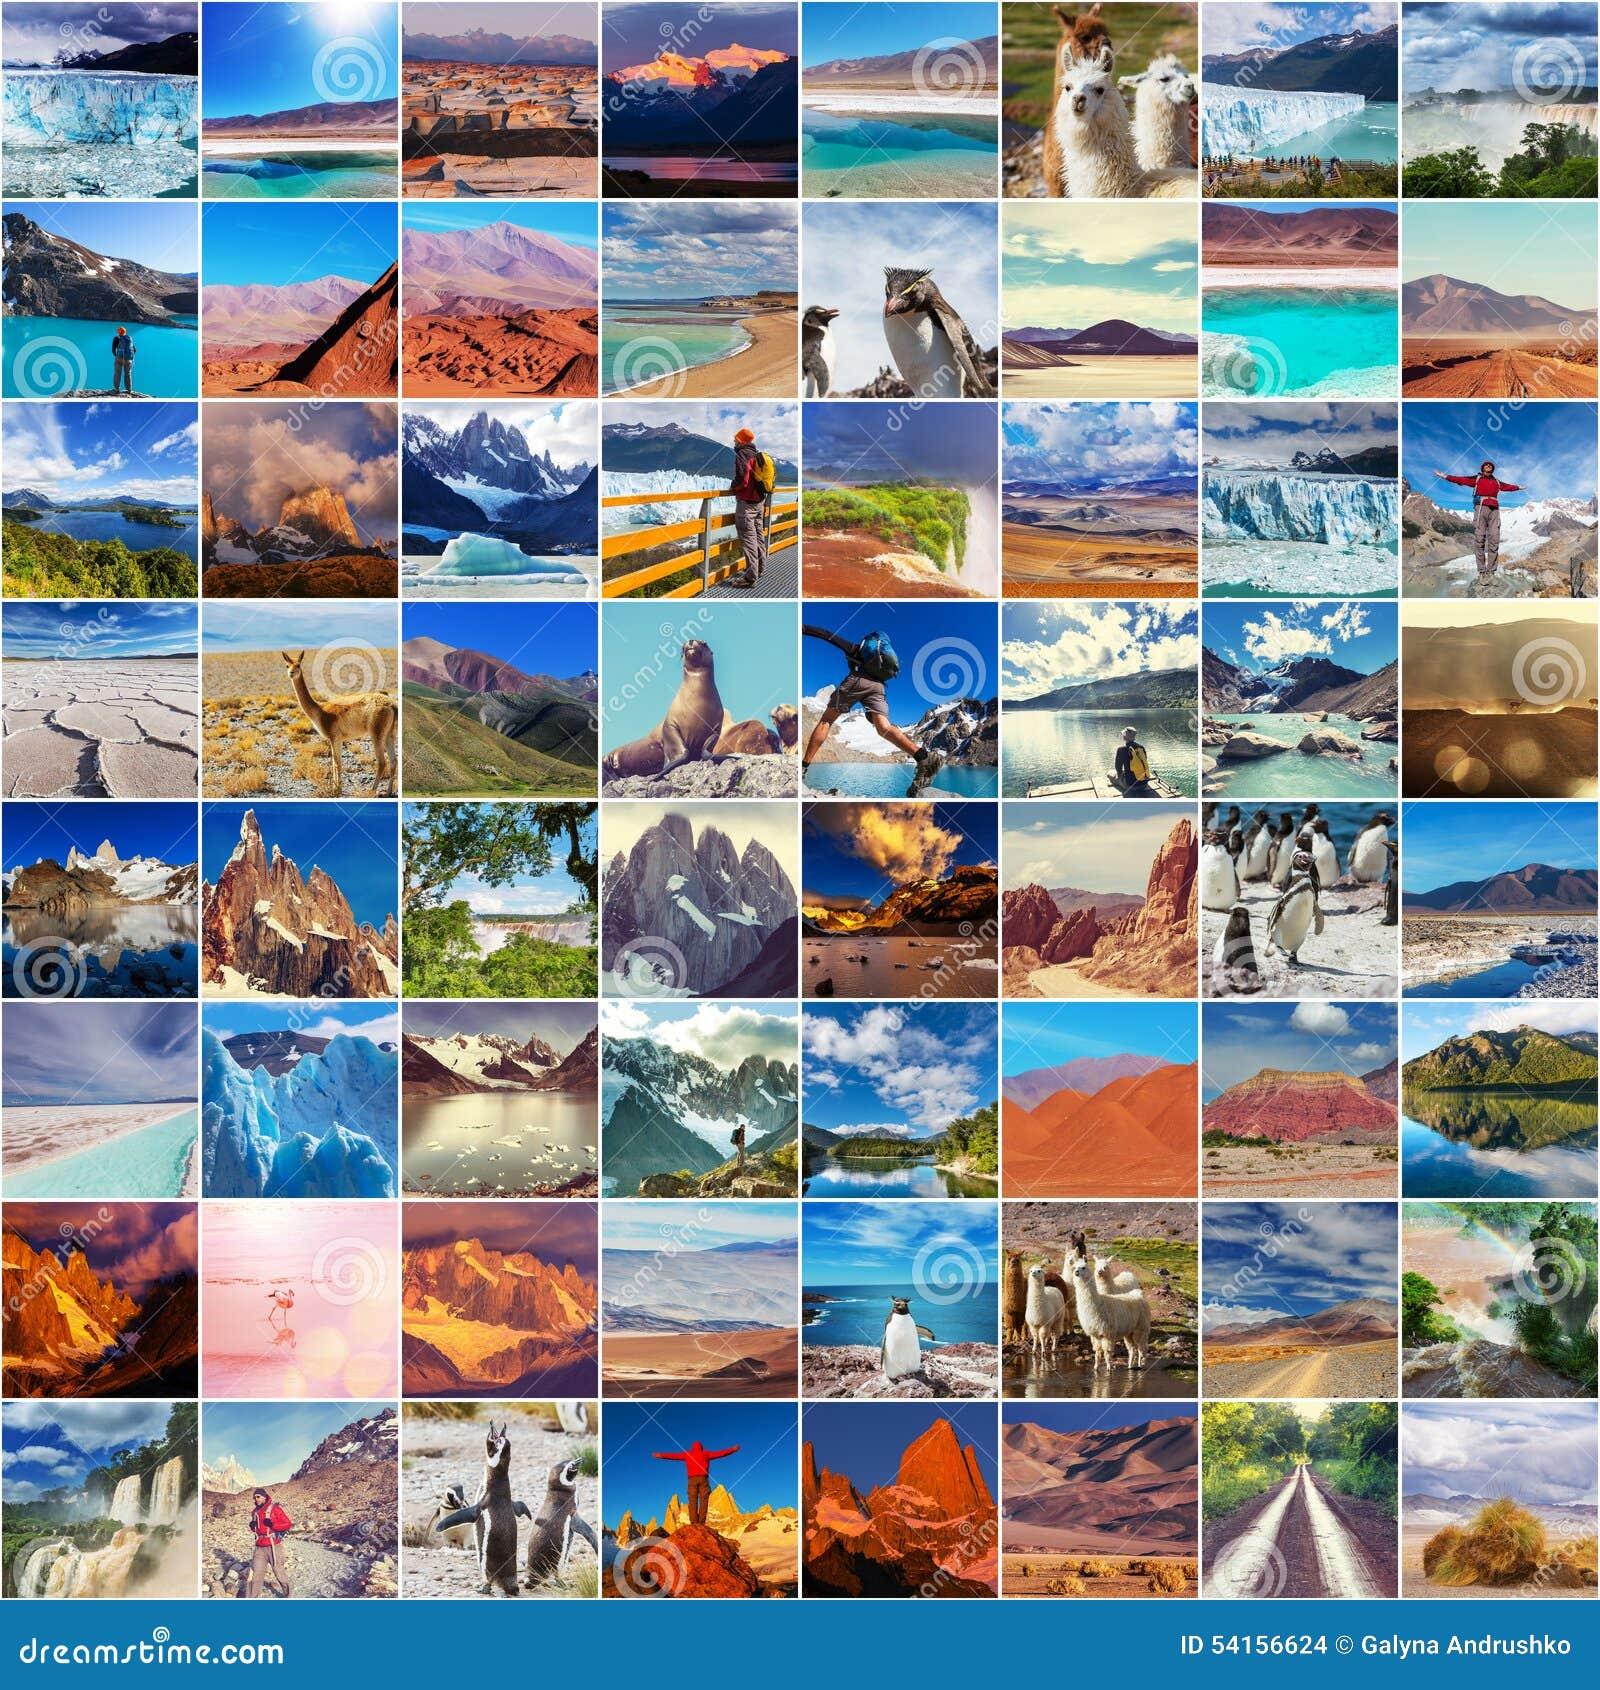 Best Dreams Travel Tourism